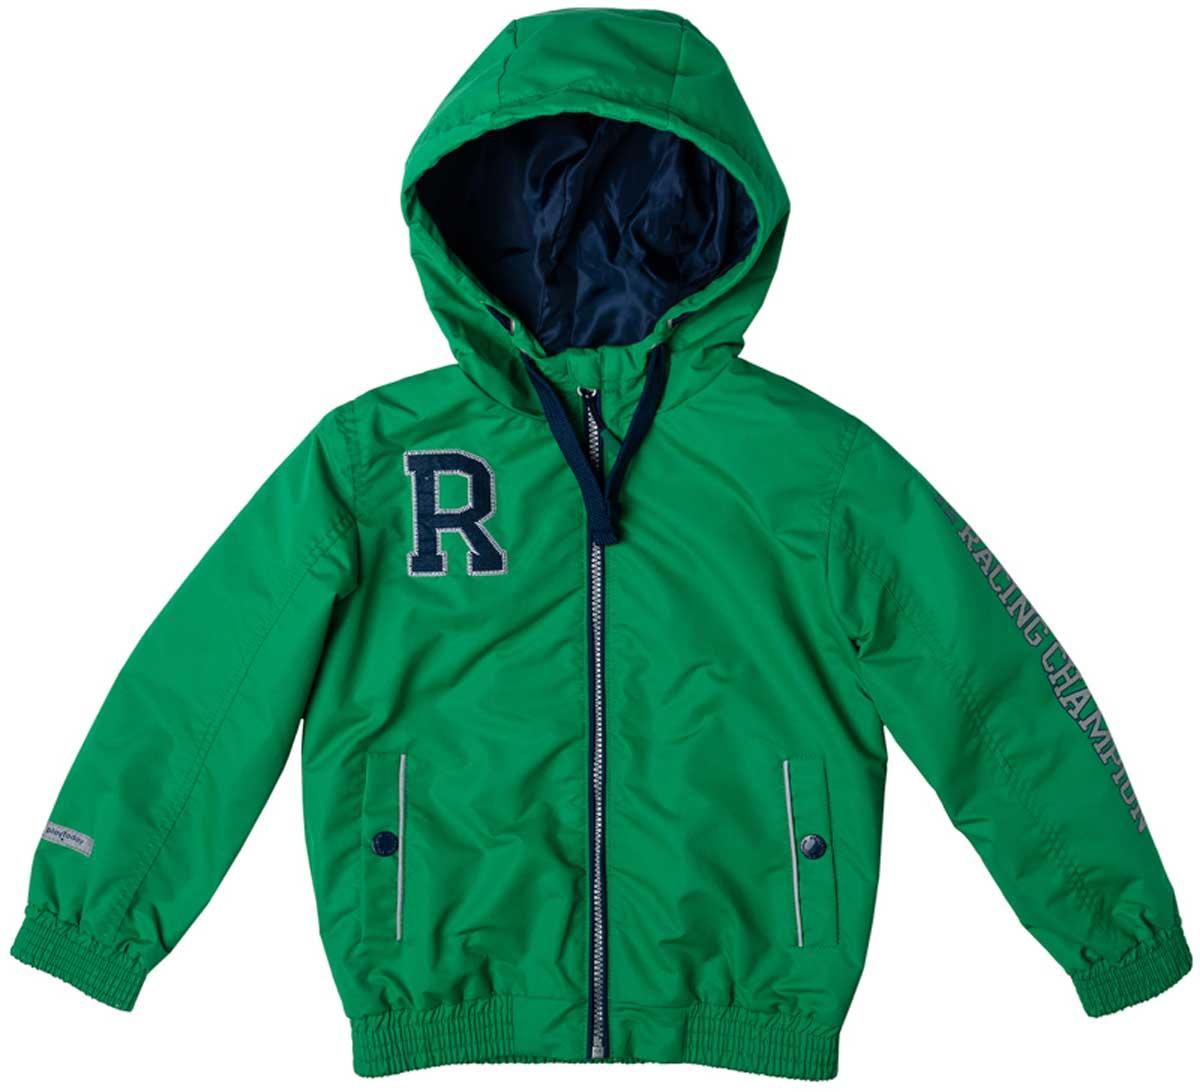 Куртка для мальчика PlayToday, цвет: зеленый, темно-синий, белый. 171003. Размер 104171003Яркая куртка из плотной водоотталкивающей ткани на теплой флисовой подкладке подойдет для дождливой ветреной погоды. Специальный карман для фиксации застежки-молнии не позволит застежке травмировать нежную кожу ребенка. Куртку украшают яркая аппликация и принт на рукаве. Прорезные карманы на застежках кнопках дополнены светоотражателями, Ваш ребенок будет виден в темное время суток. Капюшон можно отрегулировать шнуром - кулиской. Рукава на плотной удобной резинке не дадут замерзнуть.